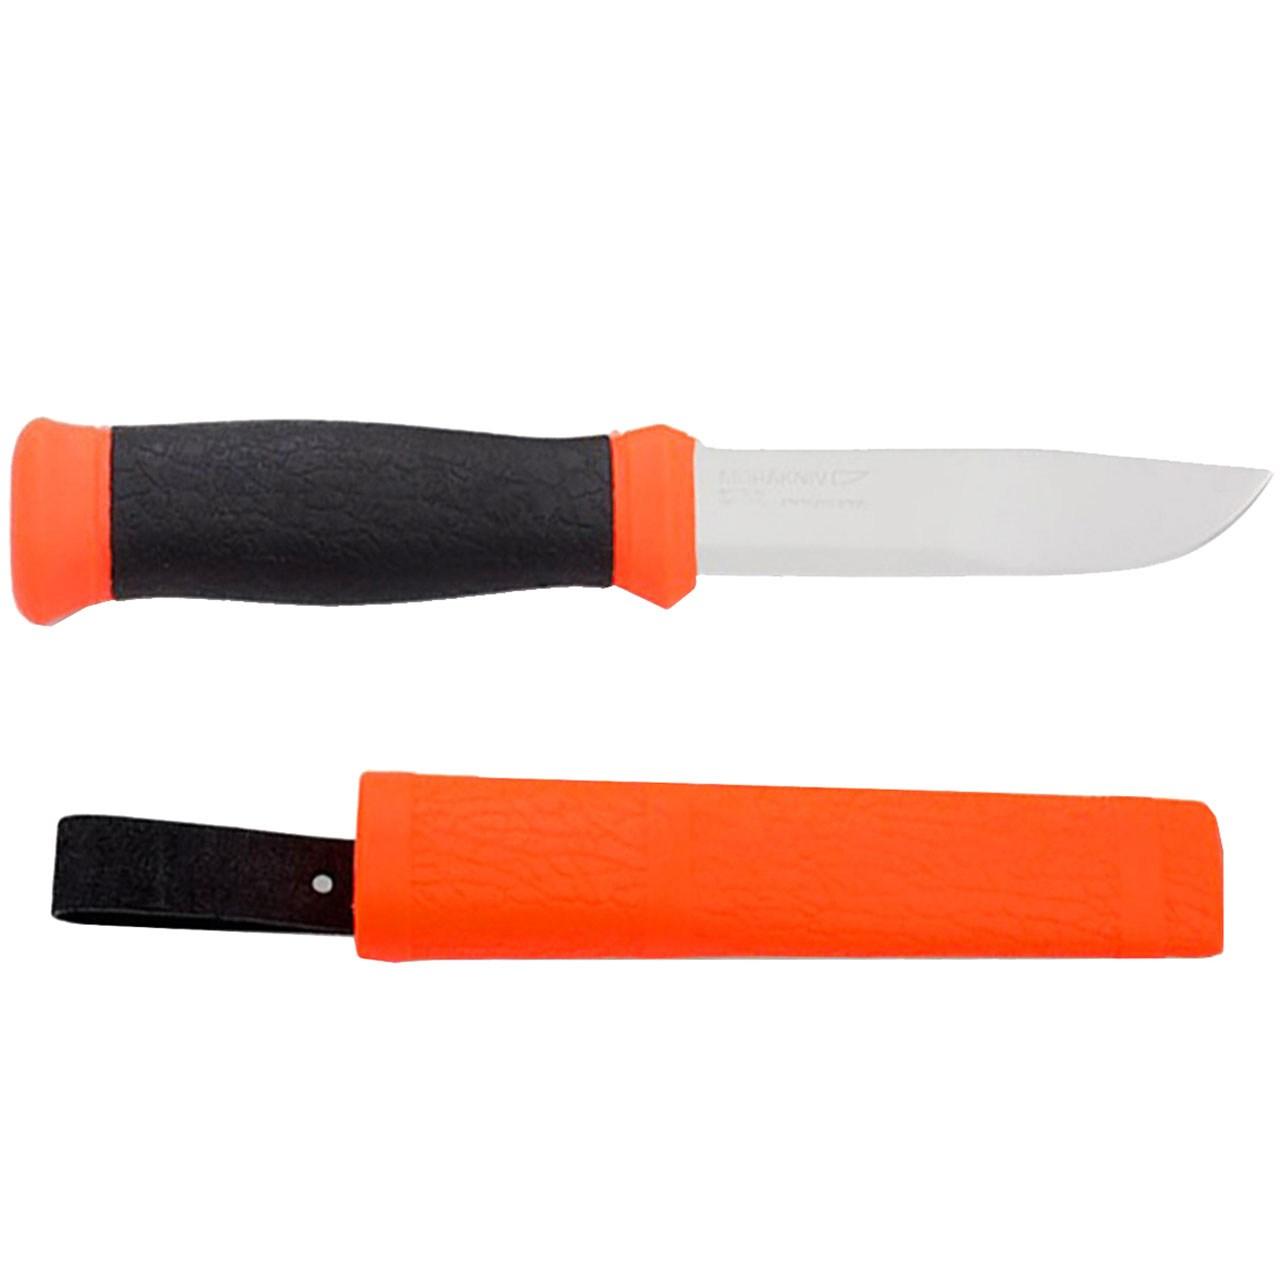 چاقوی موراکنیو مدل 2000